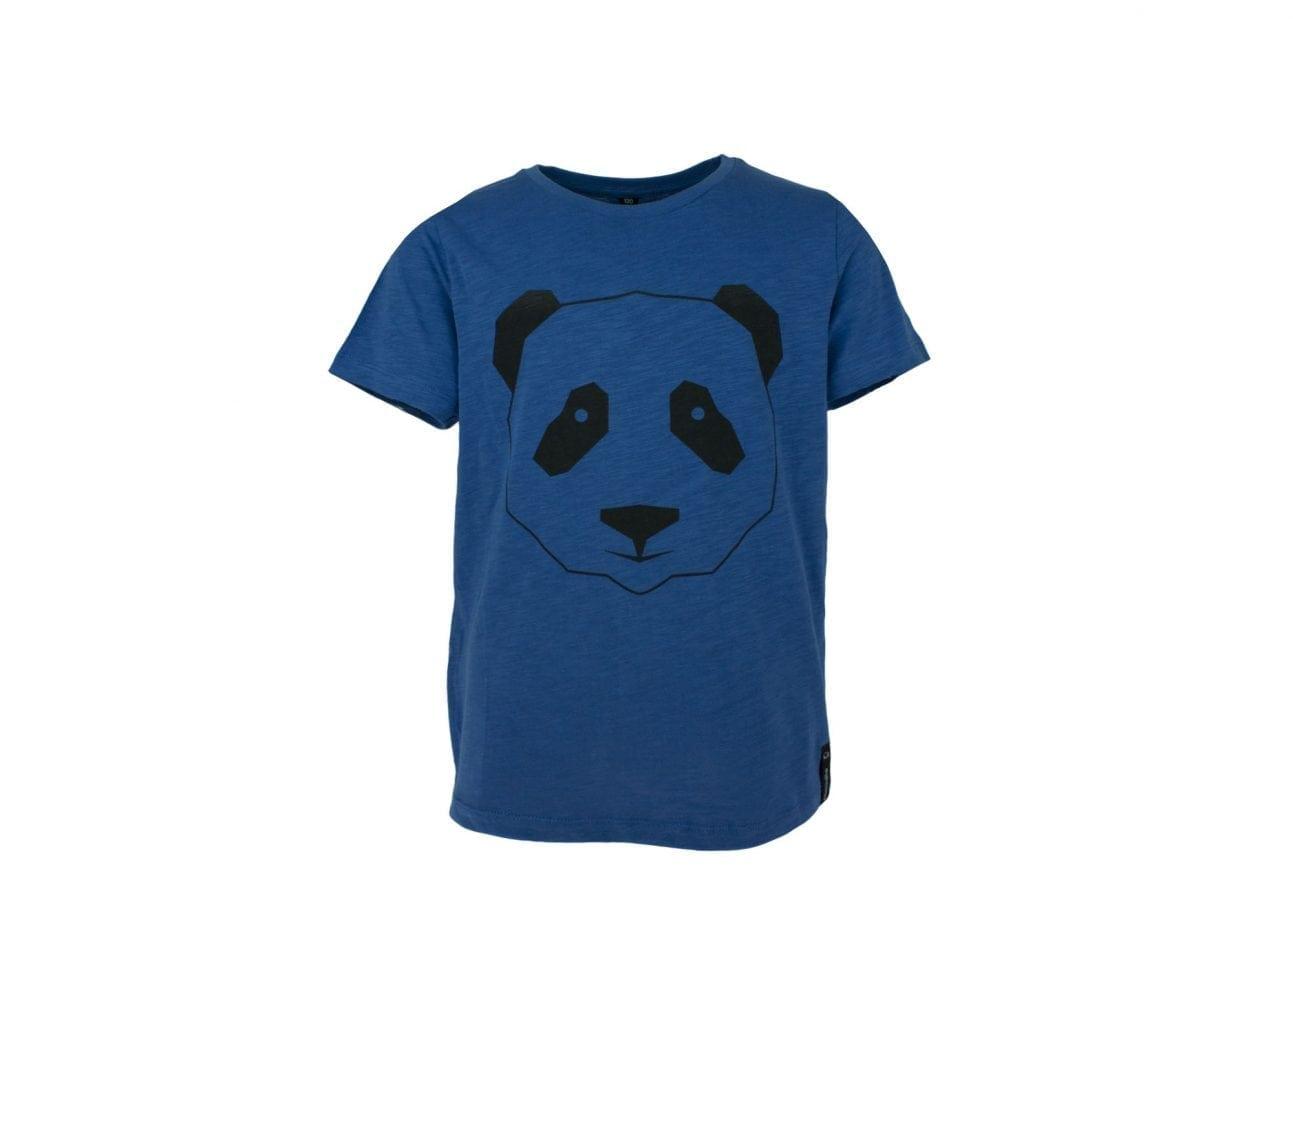 T-shirt barnblå med zip panda- Marley